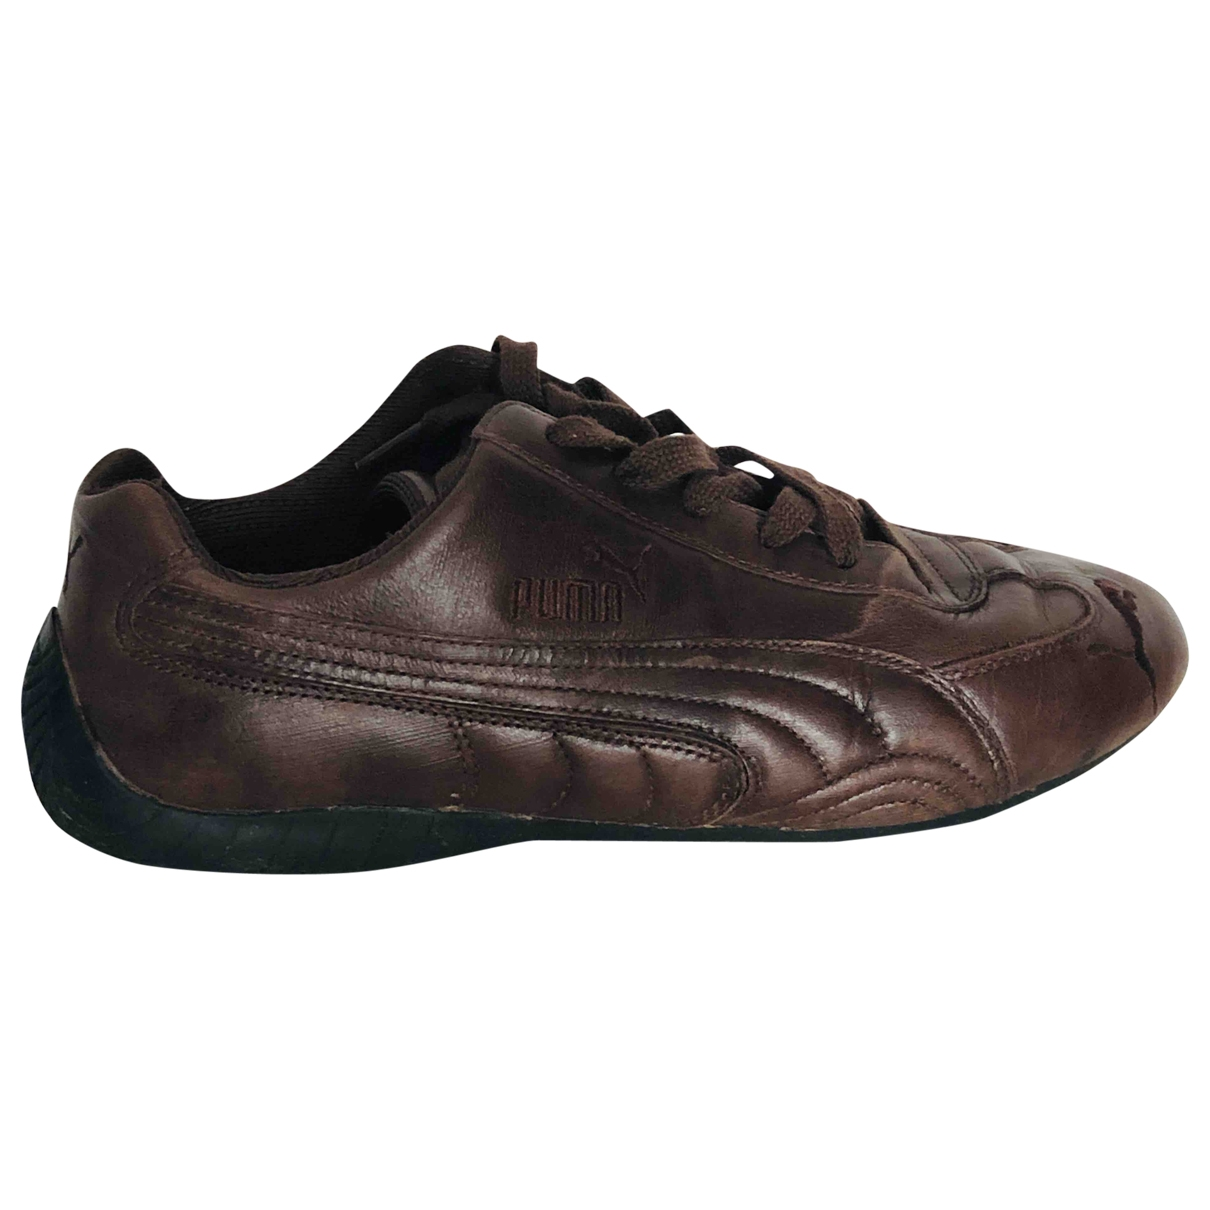 Puma - Baskets   pour homme en cuir - marron